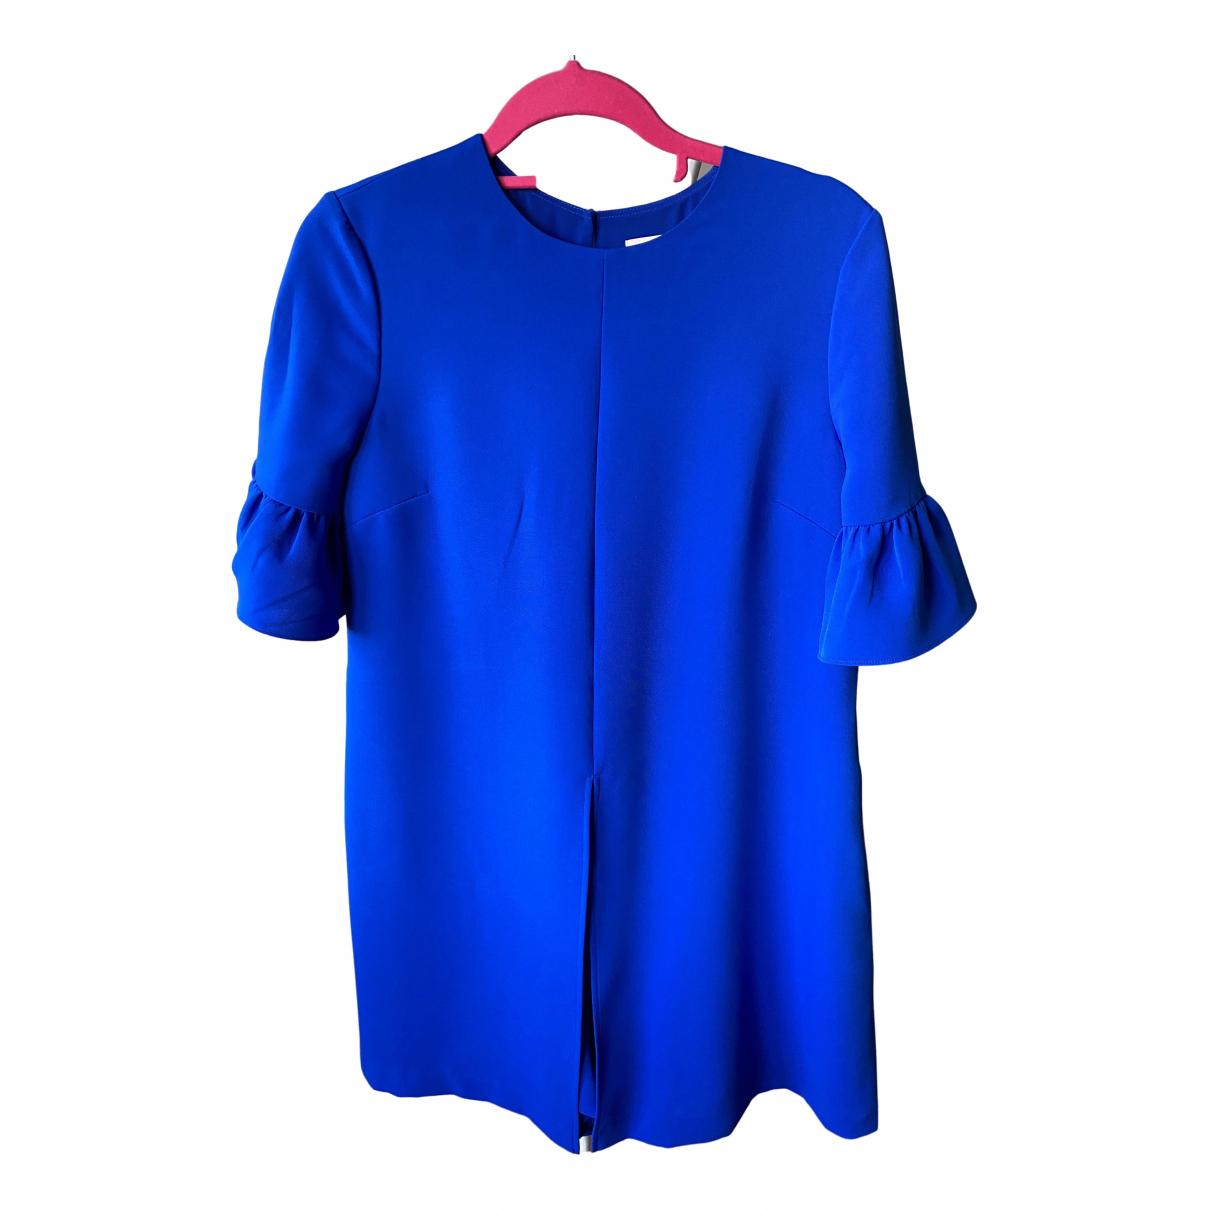 Ted Baker N Blue dress for Women 12 UK